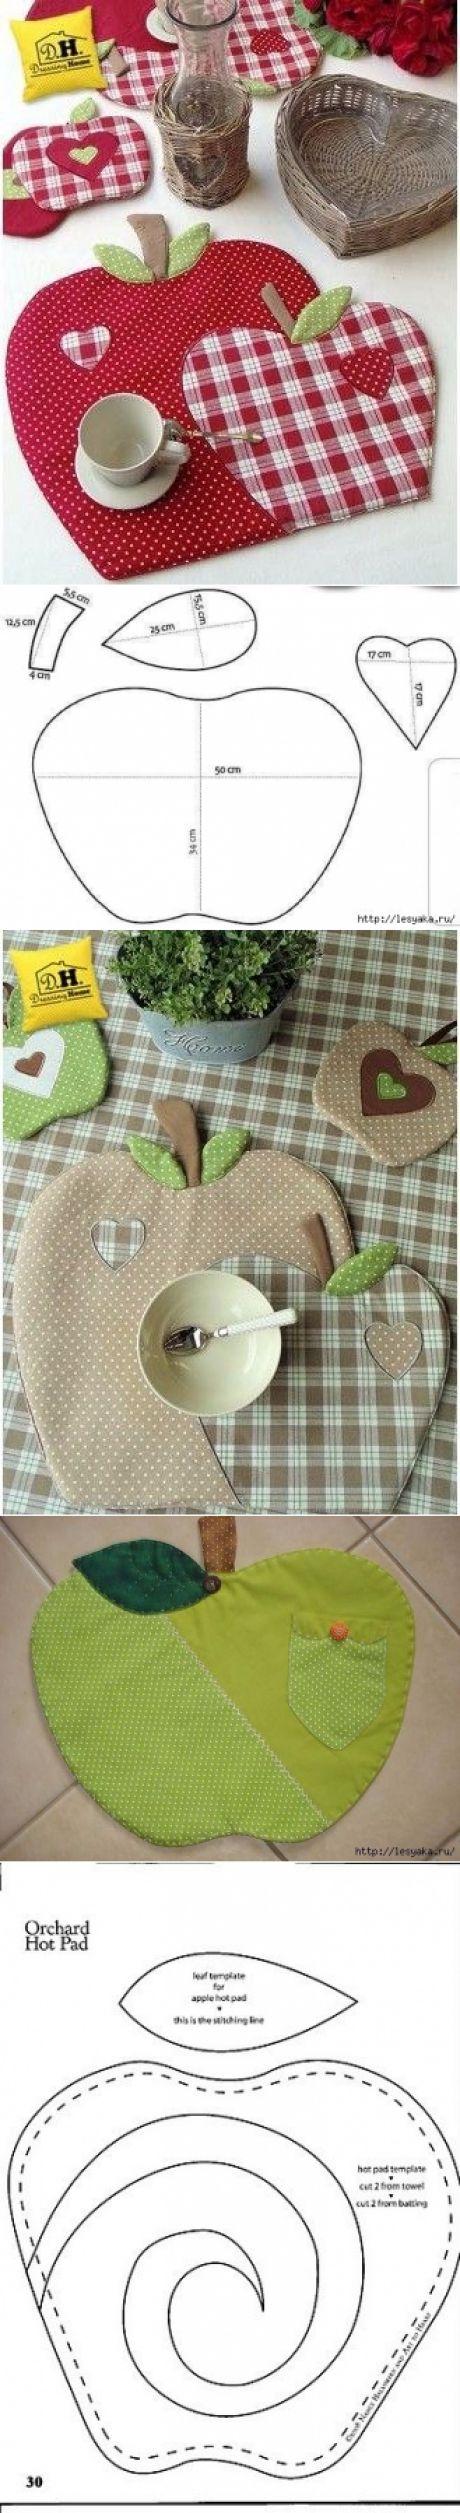 Шьем яблочки для кухни в стиле пэчворк